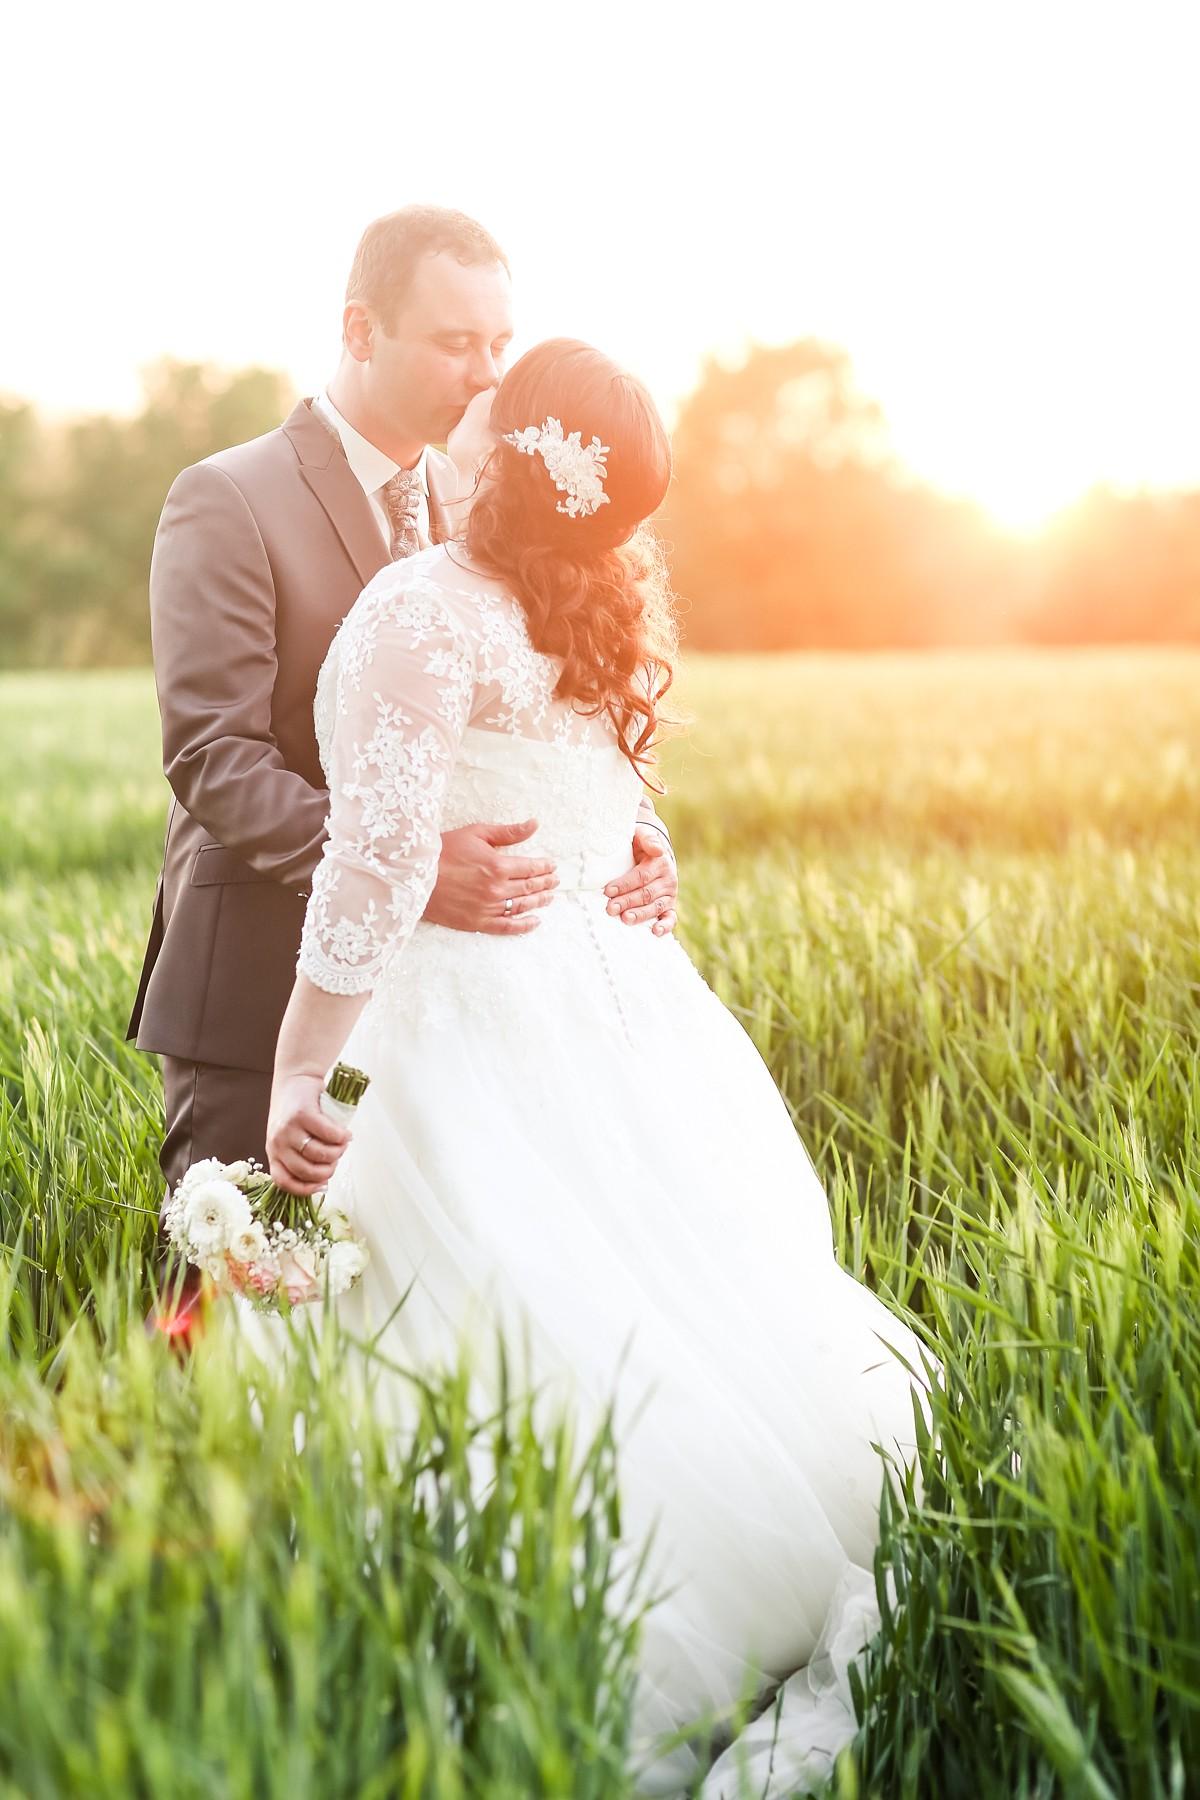 Hochzeitsfotograf-Spenge-Bünde-2016_0066